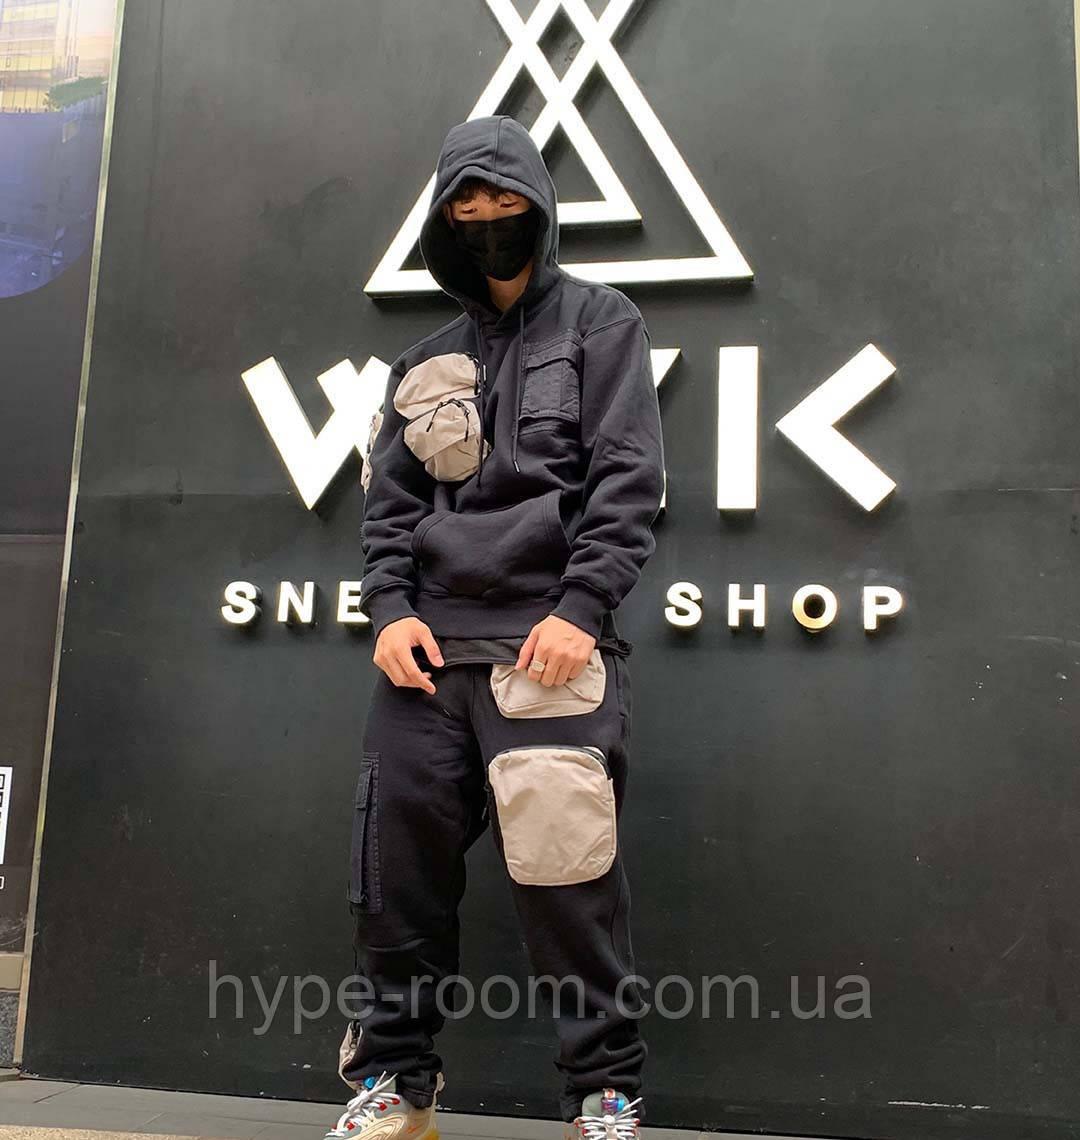 Мужская спортивная кофта с капюшоном Cactus Jack x Jordan черная все размеры